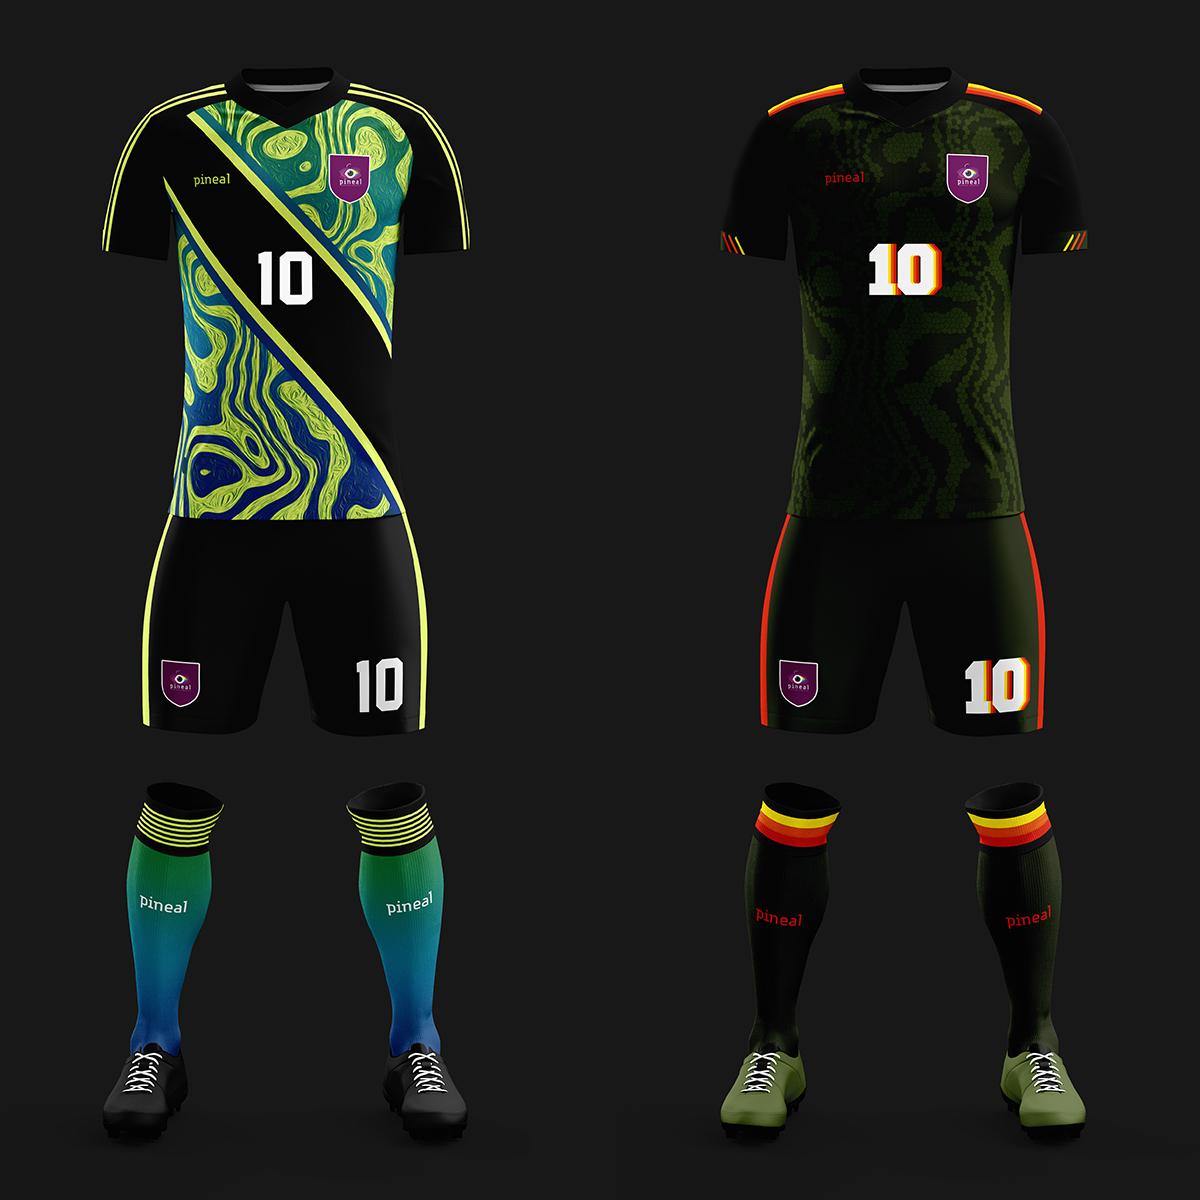 Pineal football kits